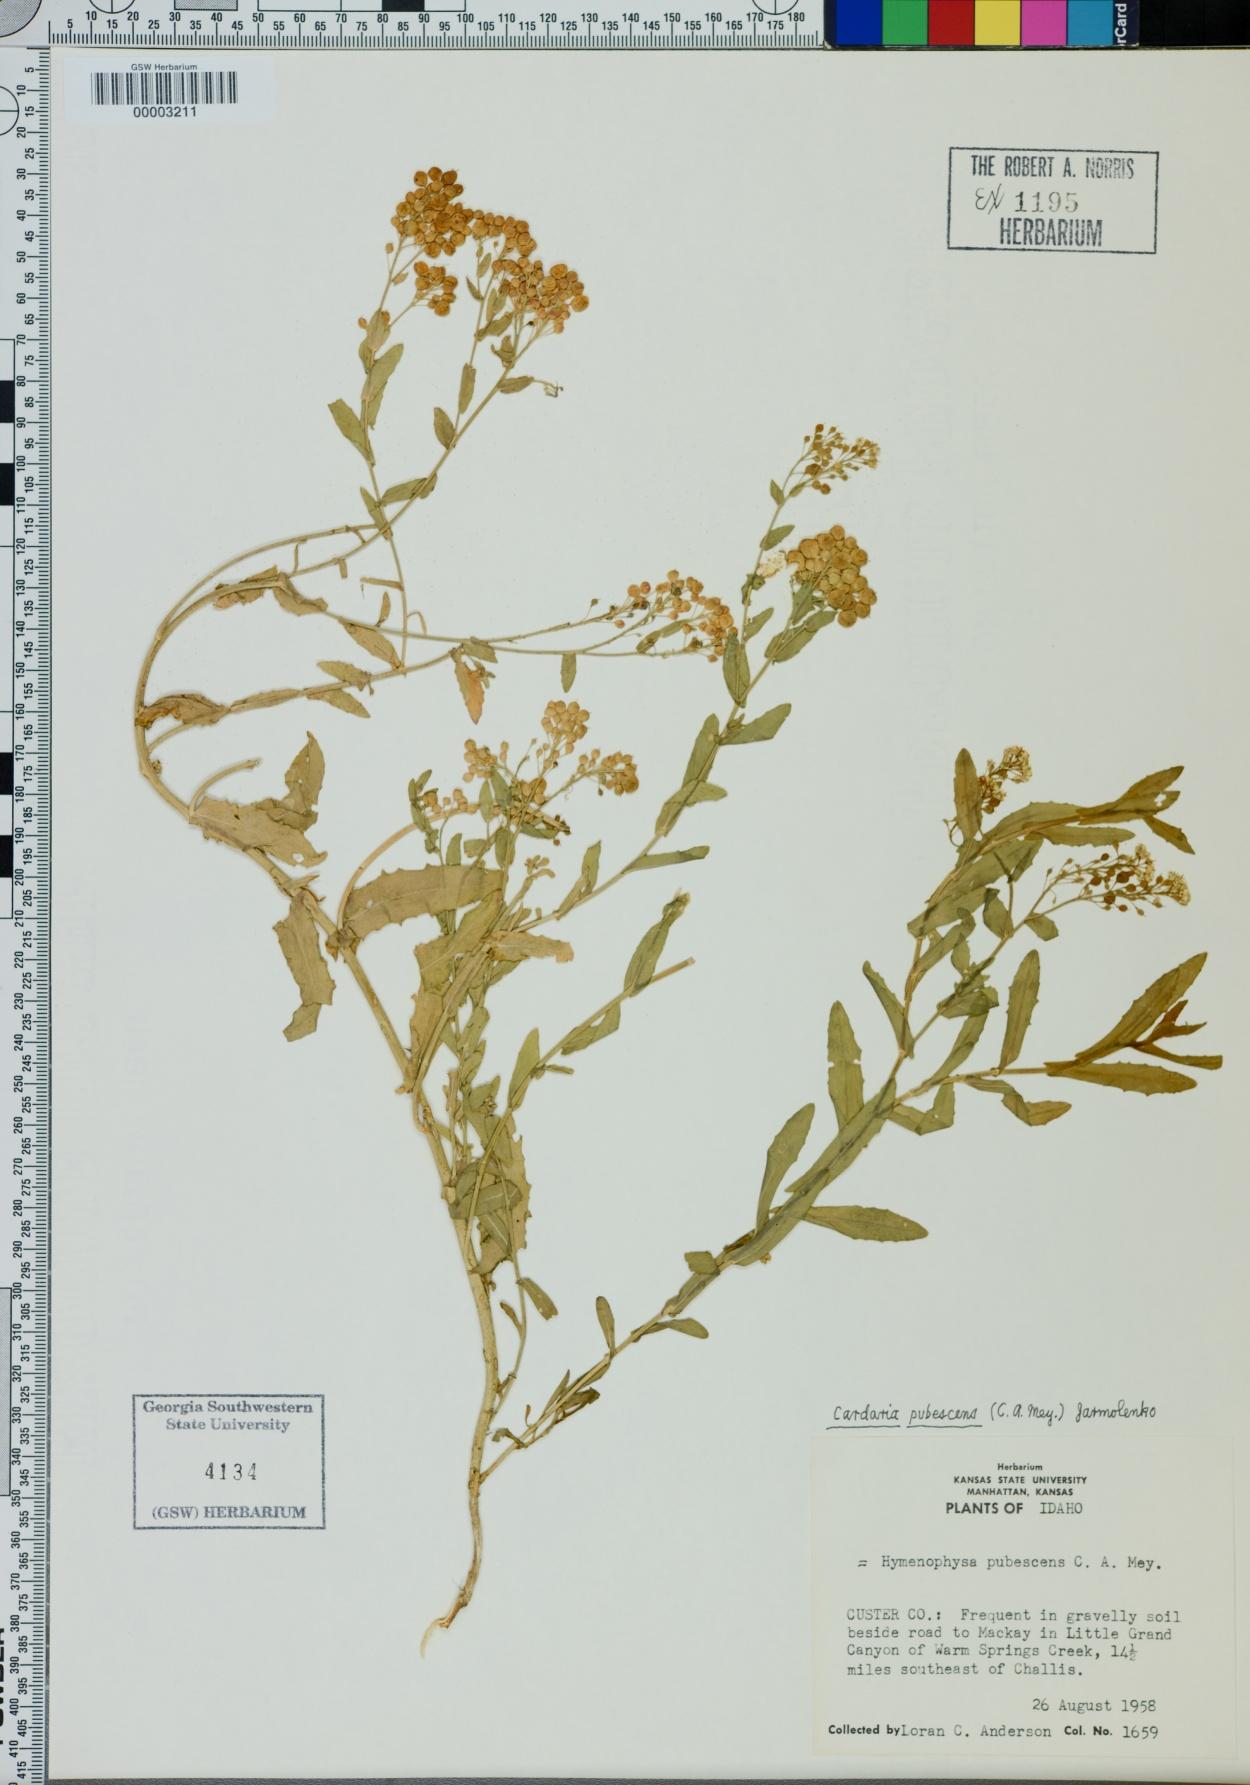 Cardaria pubescens image